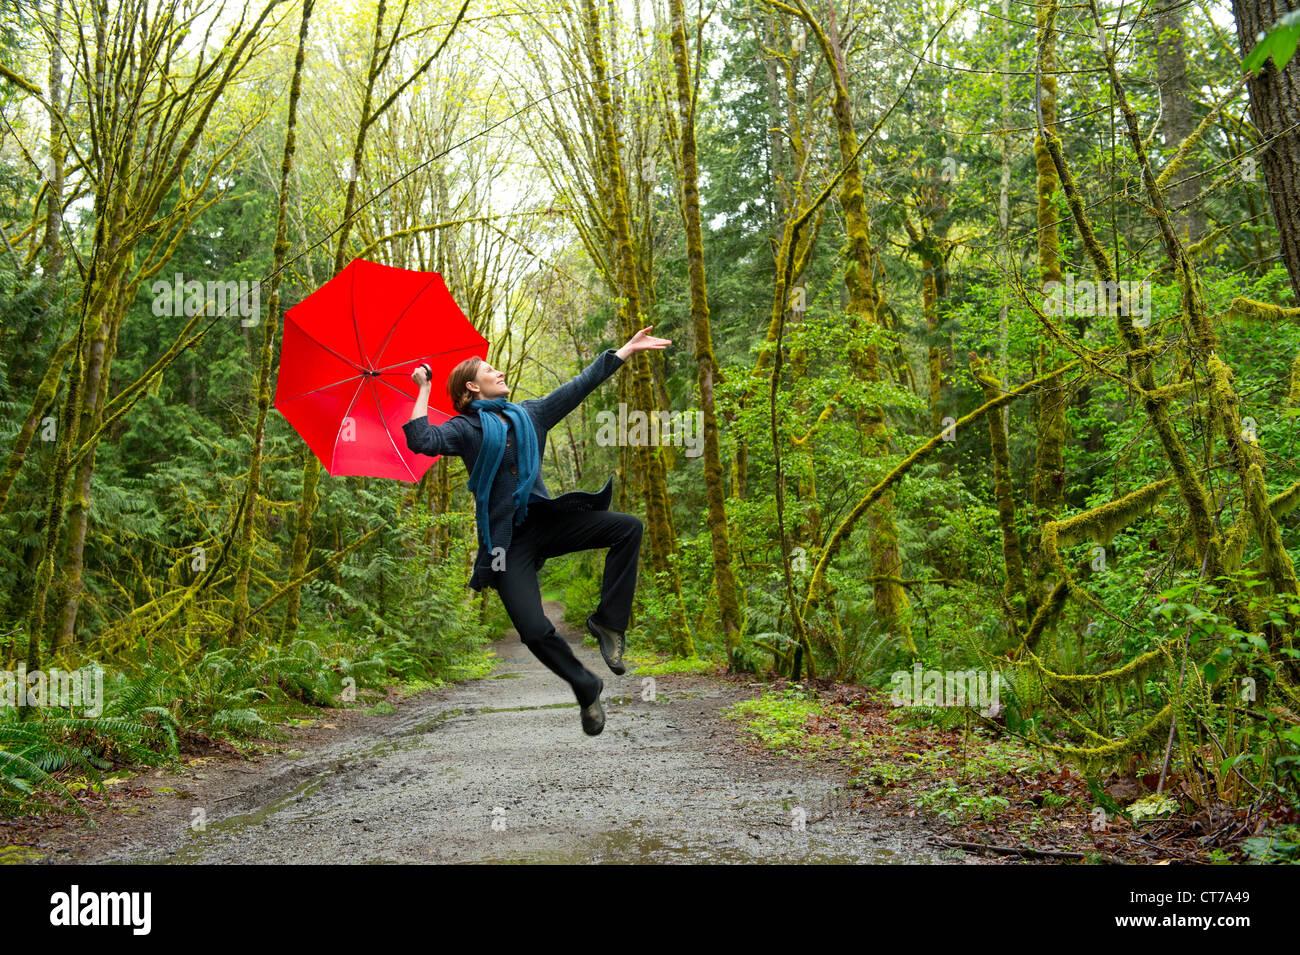 Springende Frau im Wald mit roten Regenschirm Stockbild